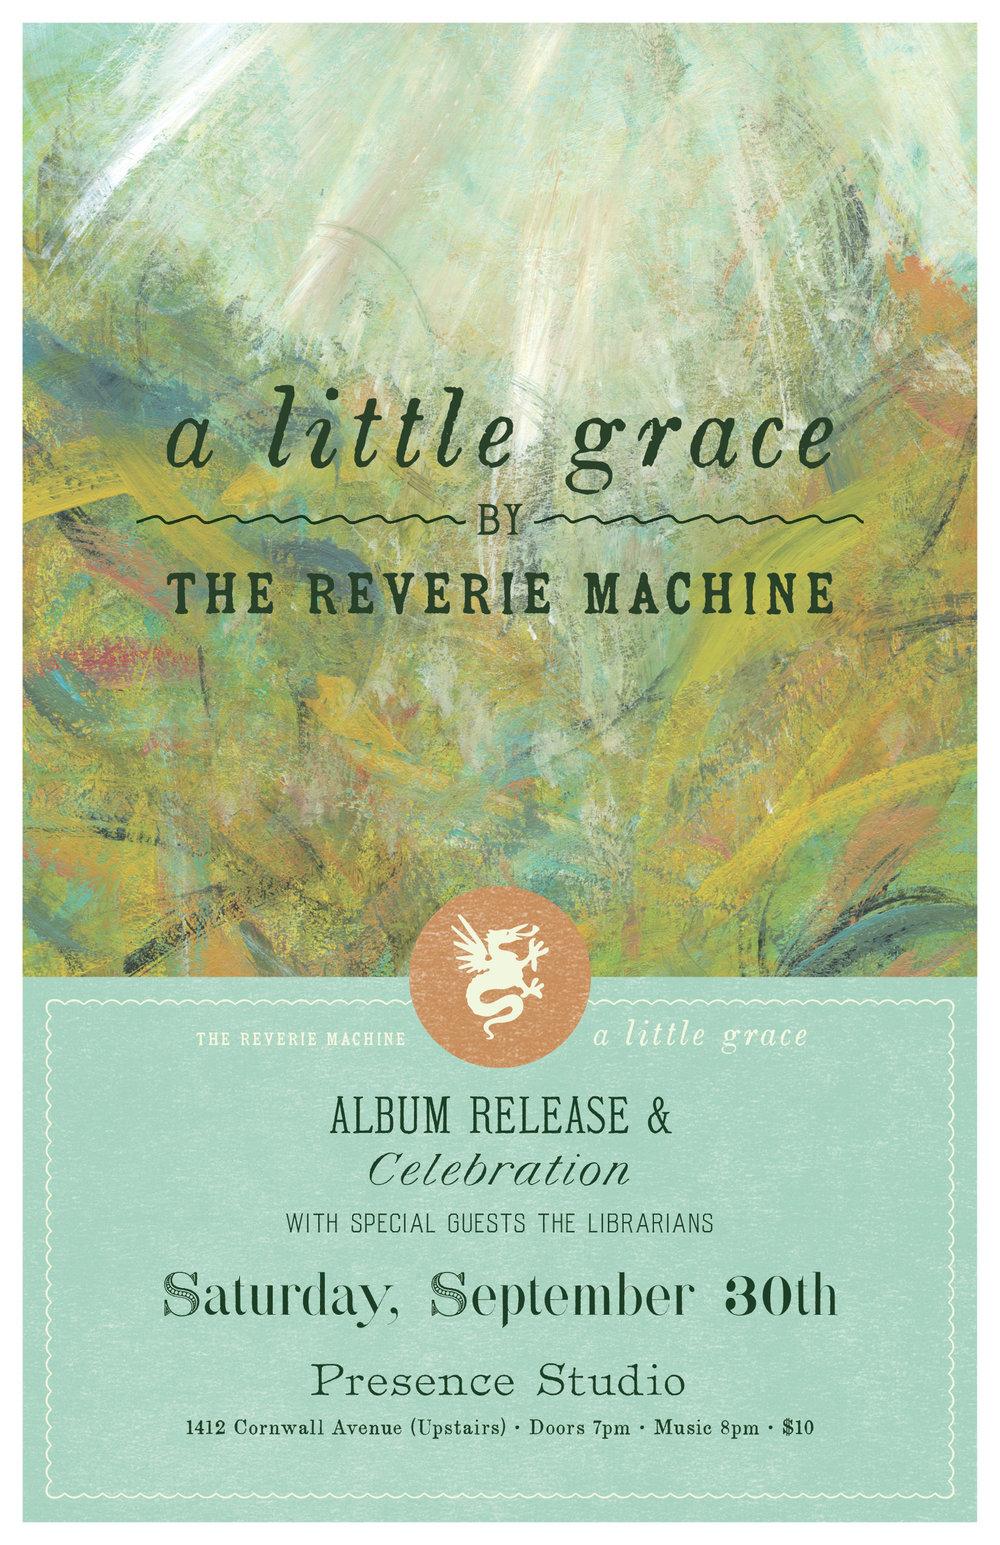 Reverie17_GracePoster.jpg